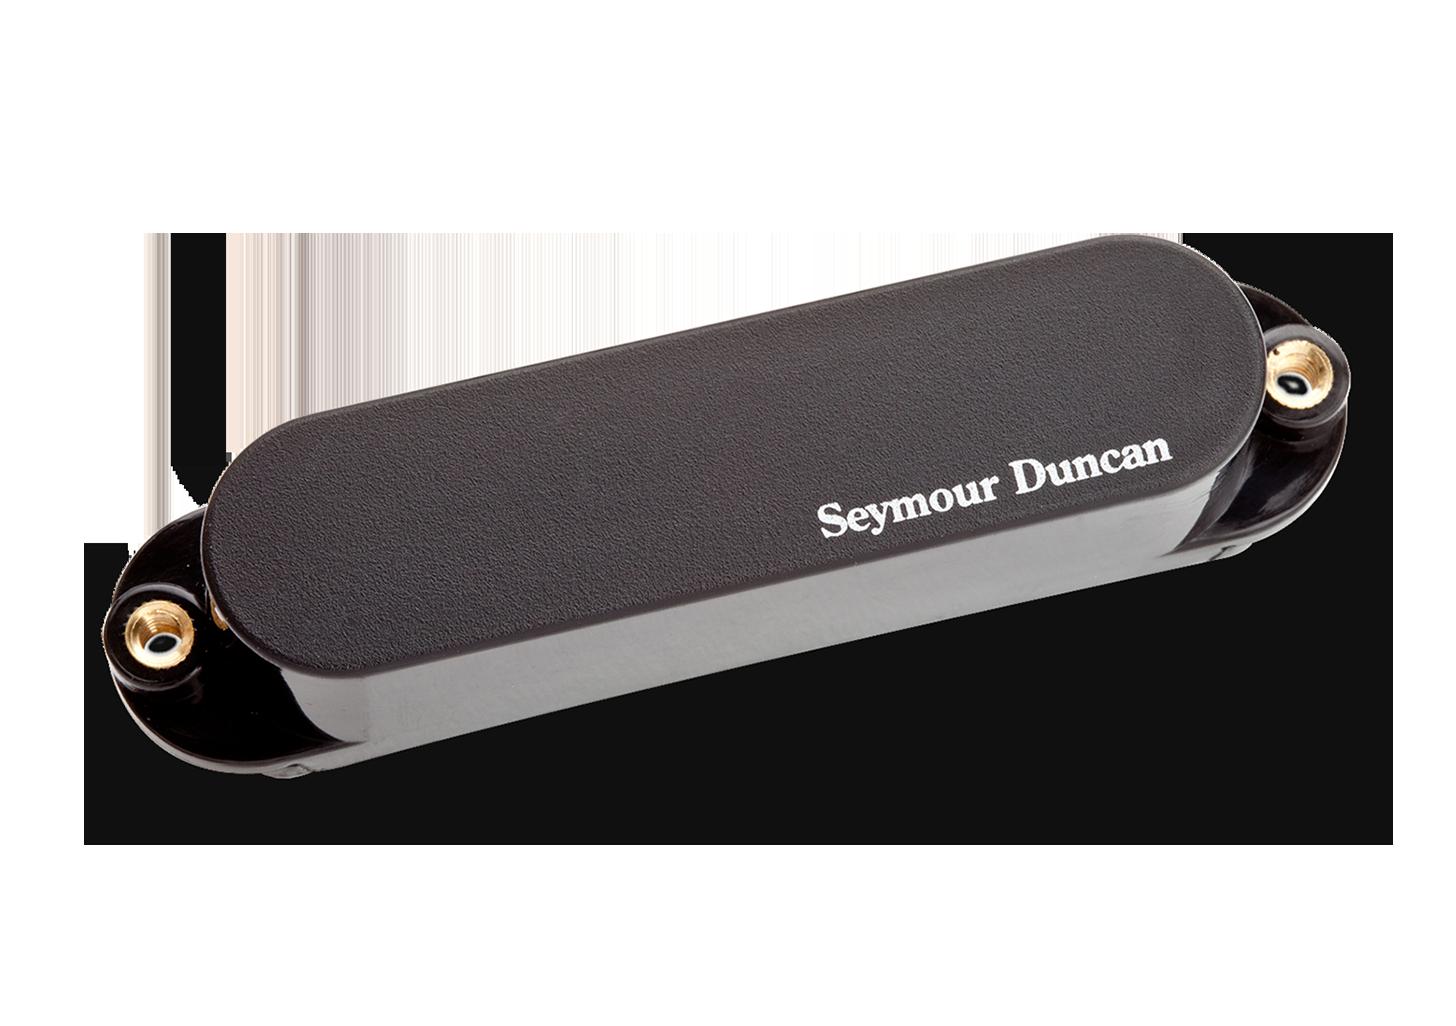 Seymour Duncan Blackouts Strat AS-1B Bridge Black